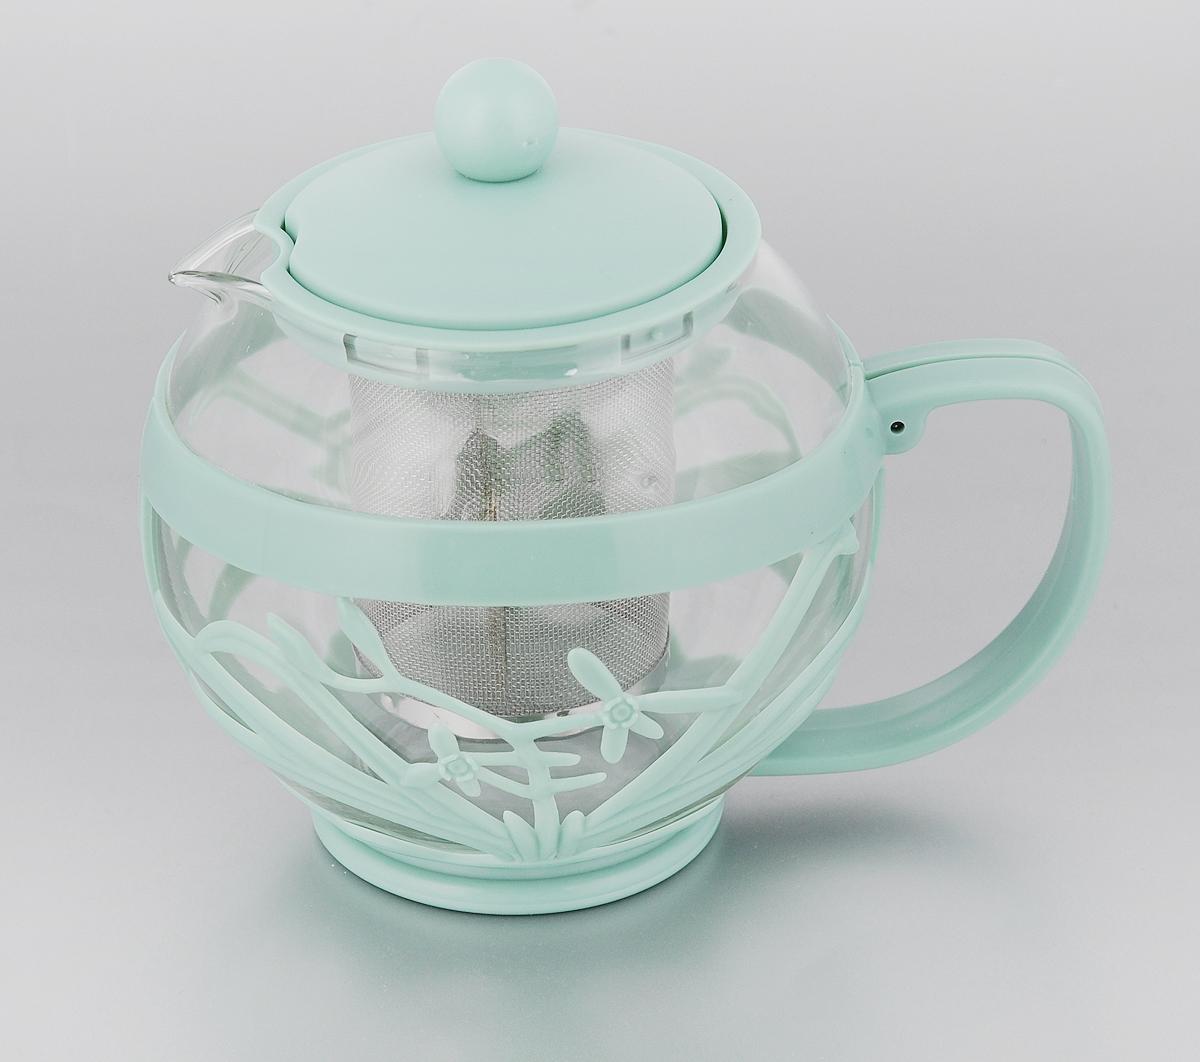 Чайник заварочный Menu Мелисса, с фильтром, цвет: прозрачный, серо-зеленый , 750 млMLS-75_серо-зеленыйЧайник Menu Мелисса изготовлен из прочногостекла ипластика. Он прекрасно подойдет для завариваниячая итравяных напитков. Классический стиль иоптимальный объемделают его удобным и оригинальным аксессуаром.Изделиеимеет удлиненный металлический фильтр, которыйобеспечивает высокое качество фильтрации напиткаипозволяет заварить чай даже при небольшомуровне воды.Ручка чайника не нагревается и обеспечиваетбезопасностьиспользования.Нельзя мыть в посудомоечной машине.Диаметр чайника (по верхнему краю): 8 см. Высота чайника (без учета крышки): 11 см. Размер фильтра: 6 х 6 х 7,2 см.